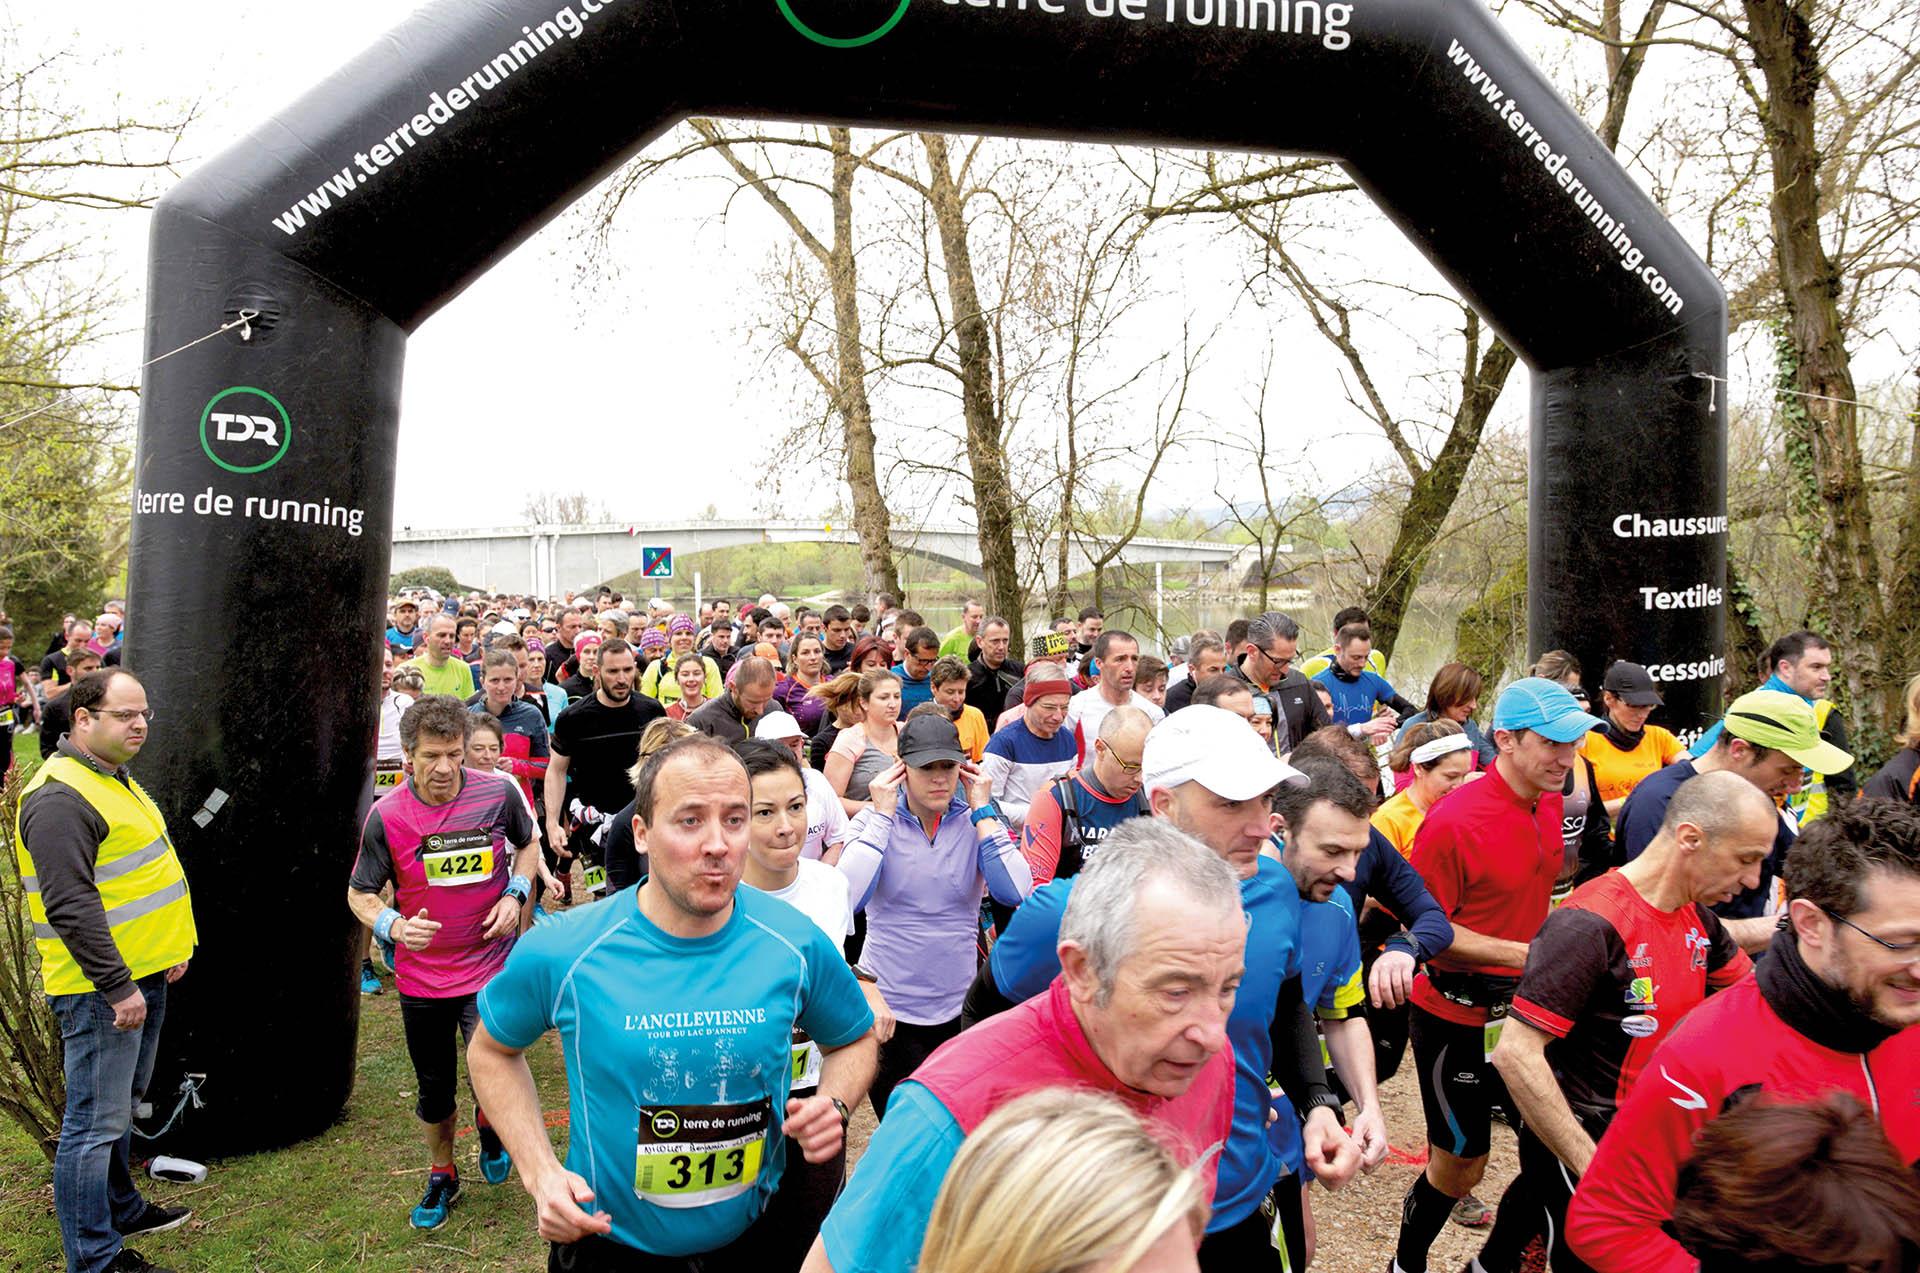 Le Semi-marathon<br>de la Saône